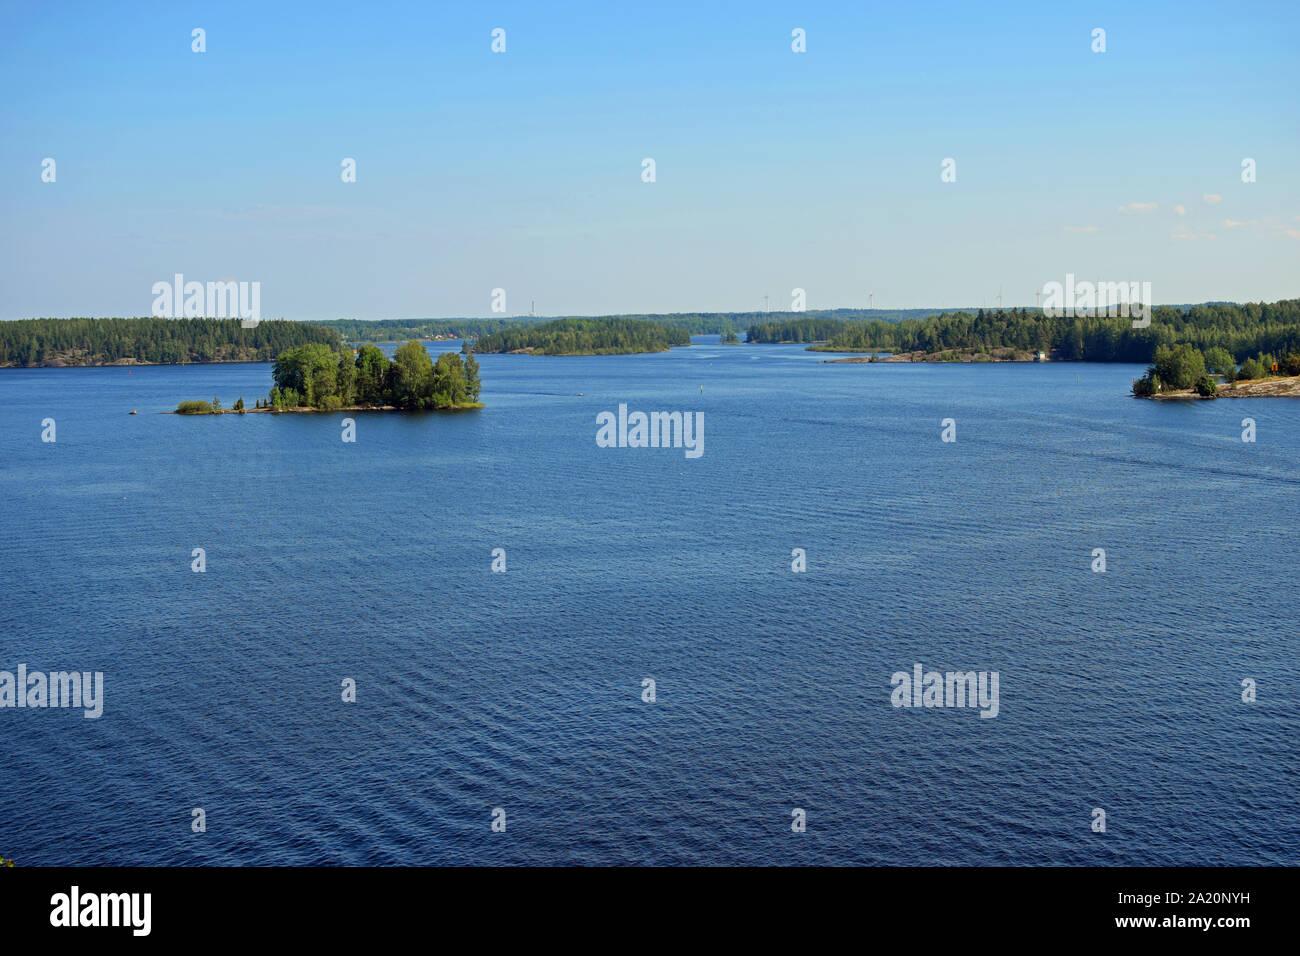 Landscape to lake Saimaa from Luukkaansalmi bridge in Lappeenranta, Finland. Stock Photo